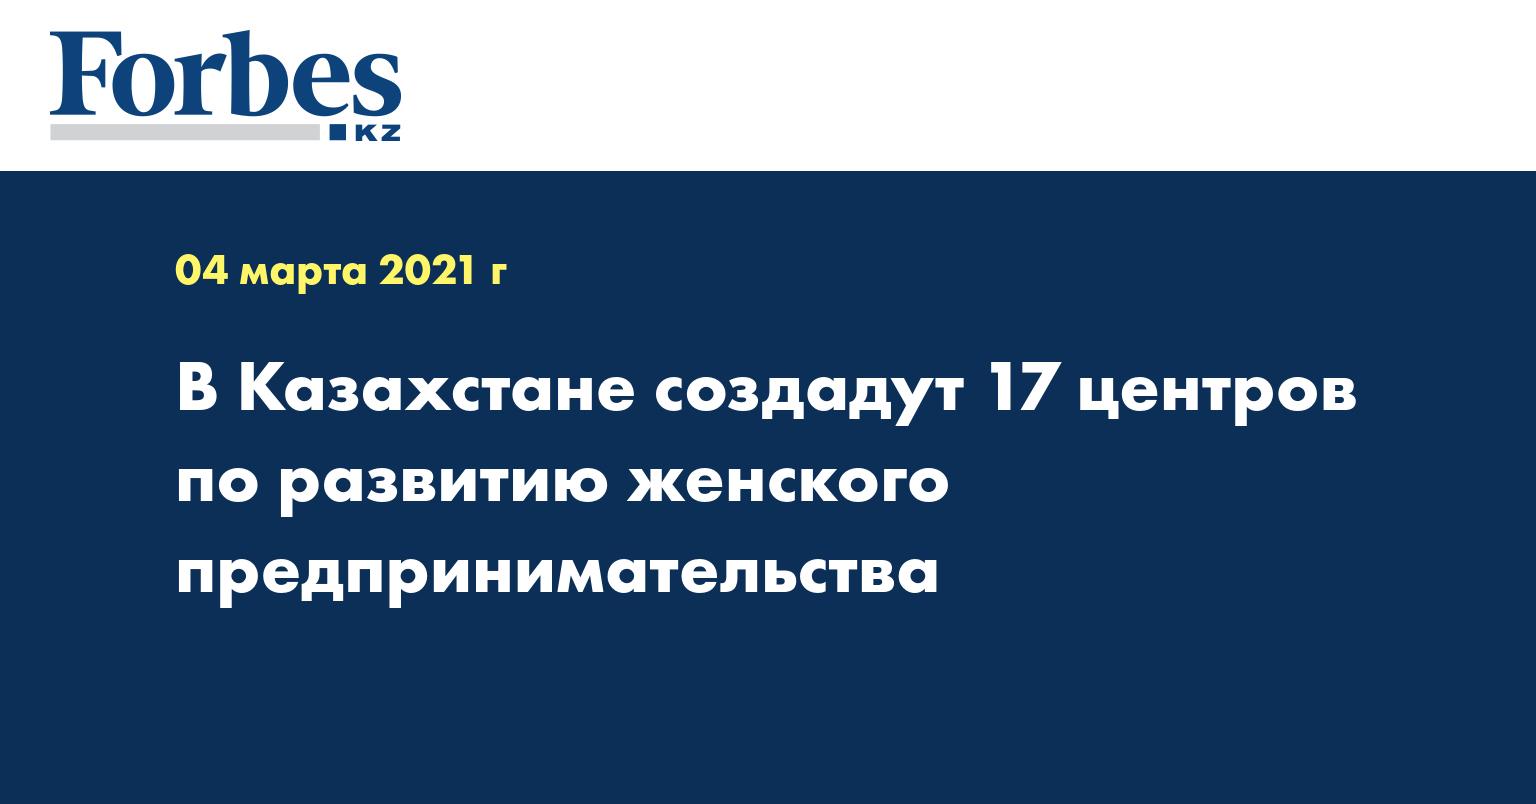 В Казахстане создадут 17 центров по развитию женского предпринимательства